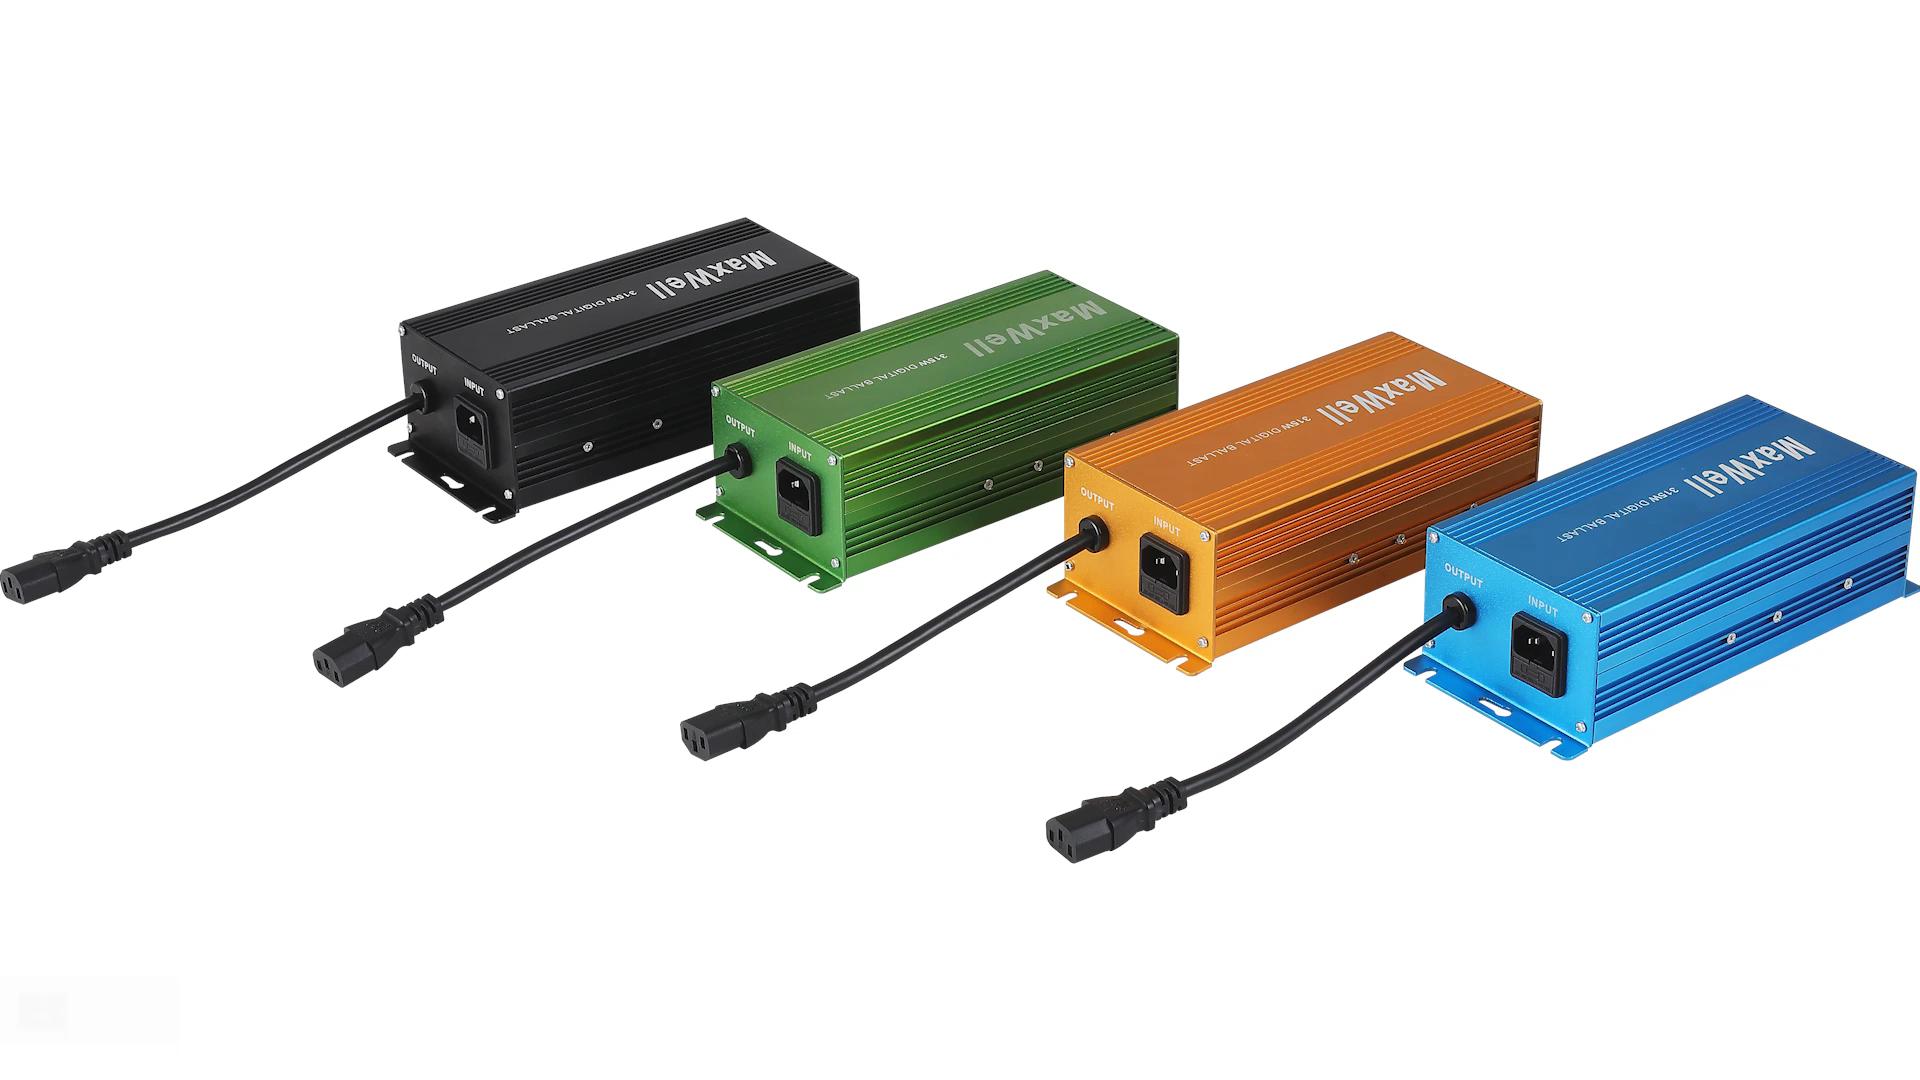 맥스웰 600w 전자식 안정기 전자식 안정기 공급 HID 빛